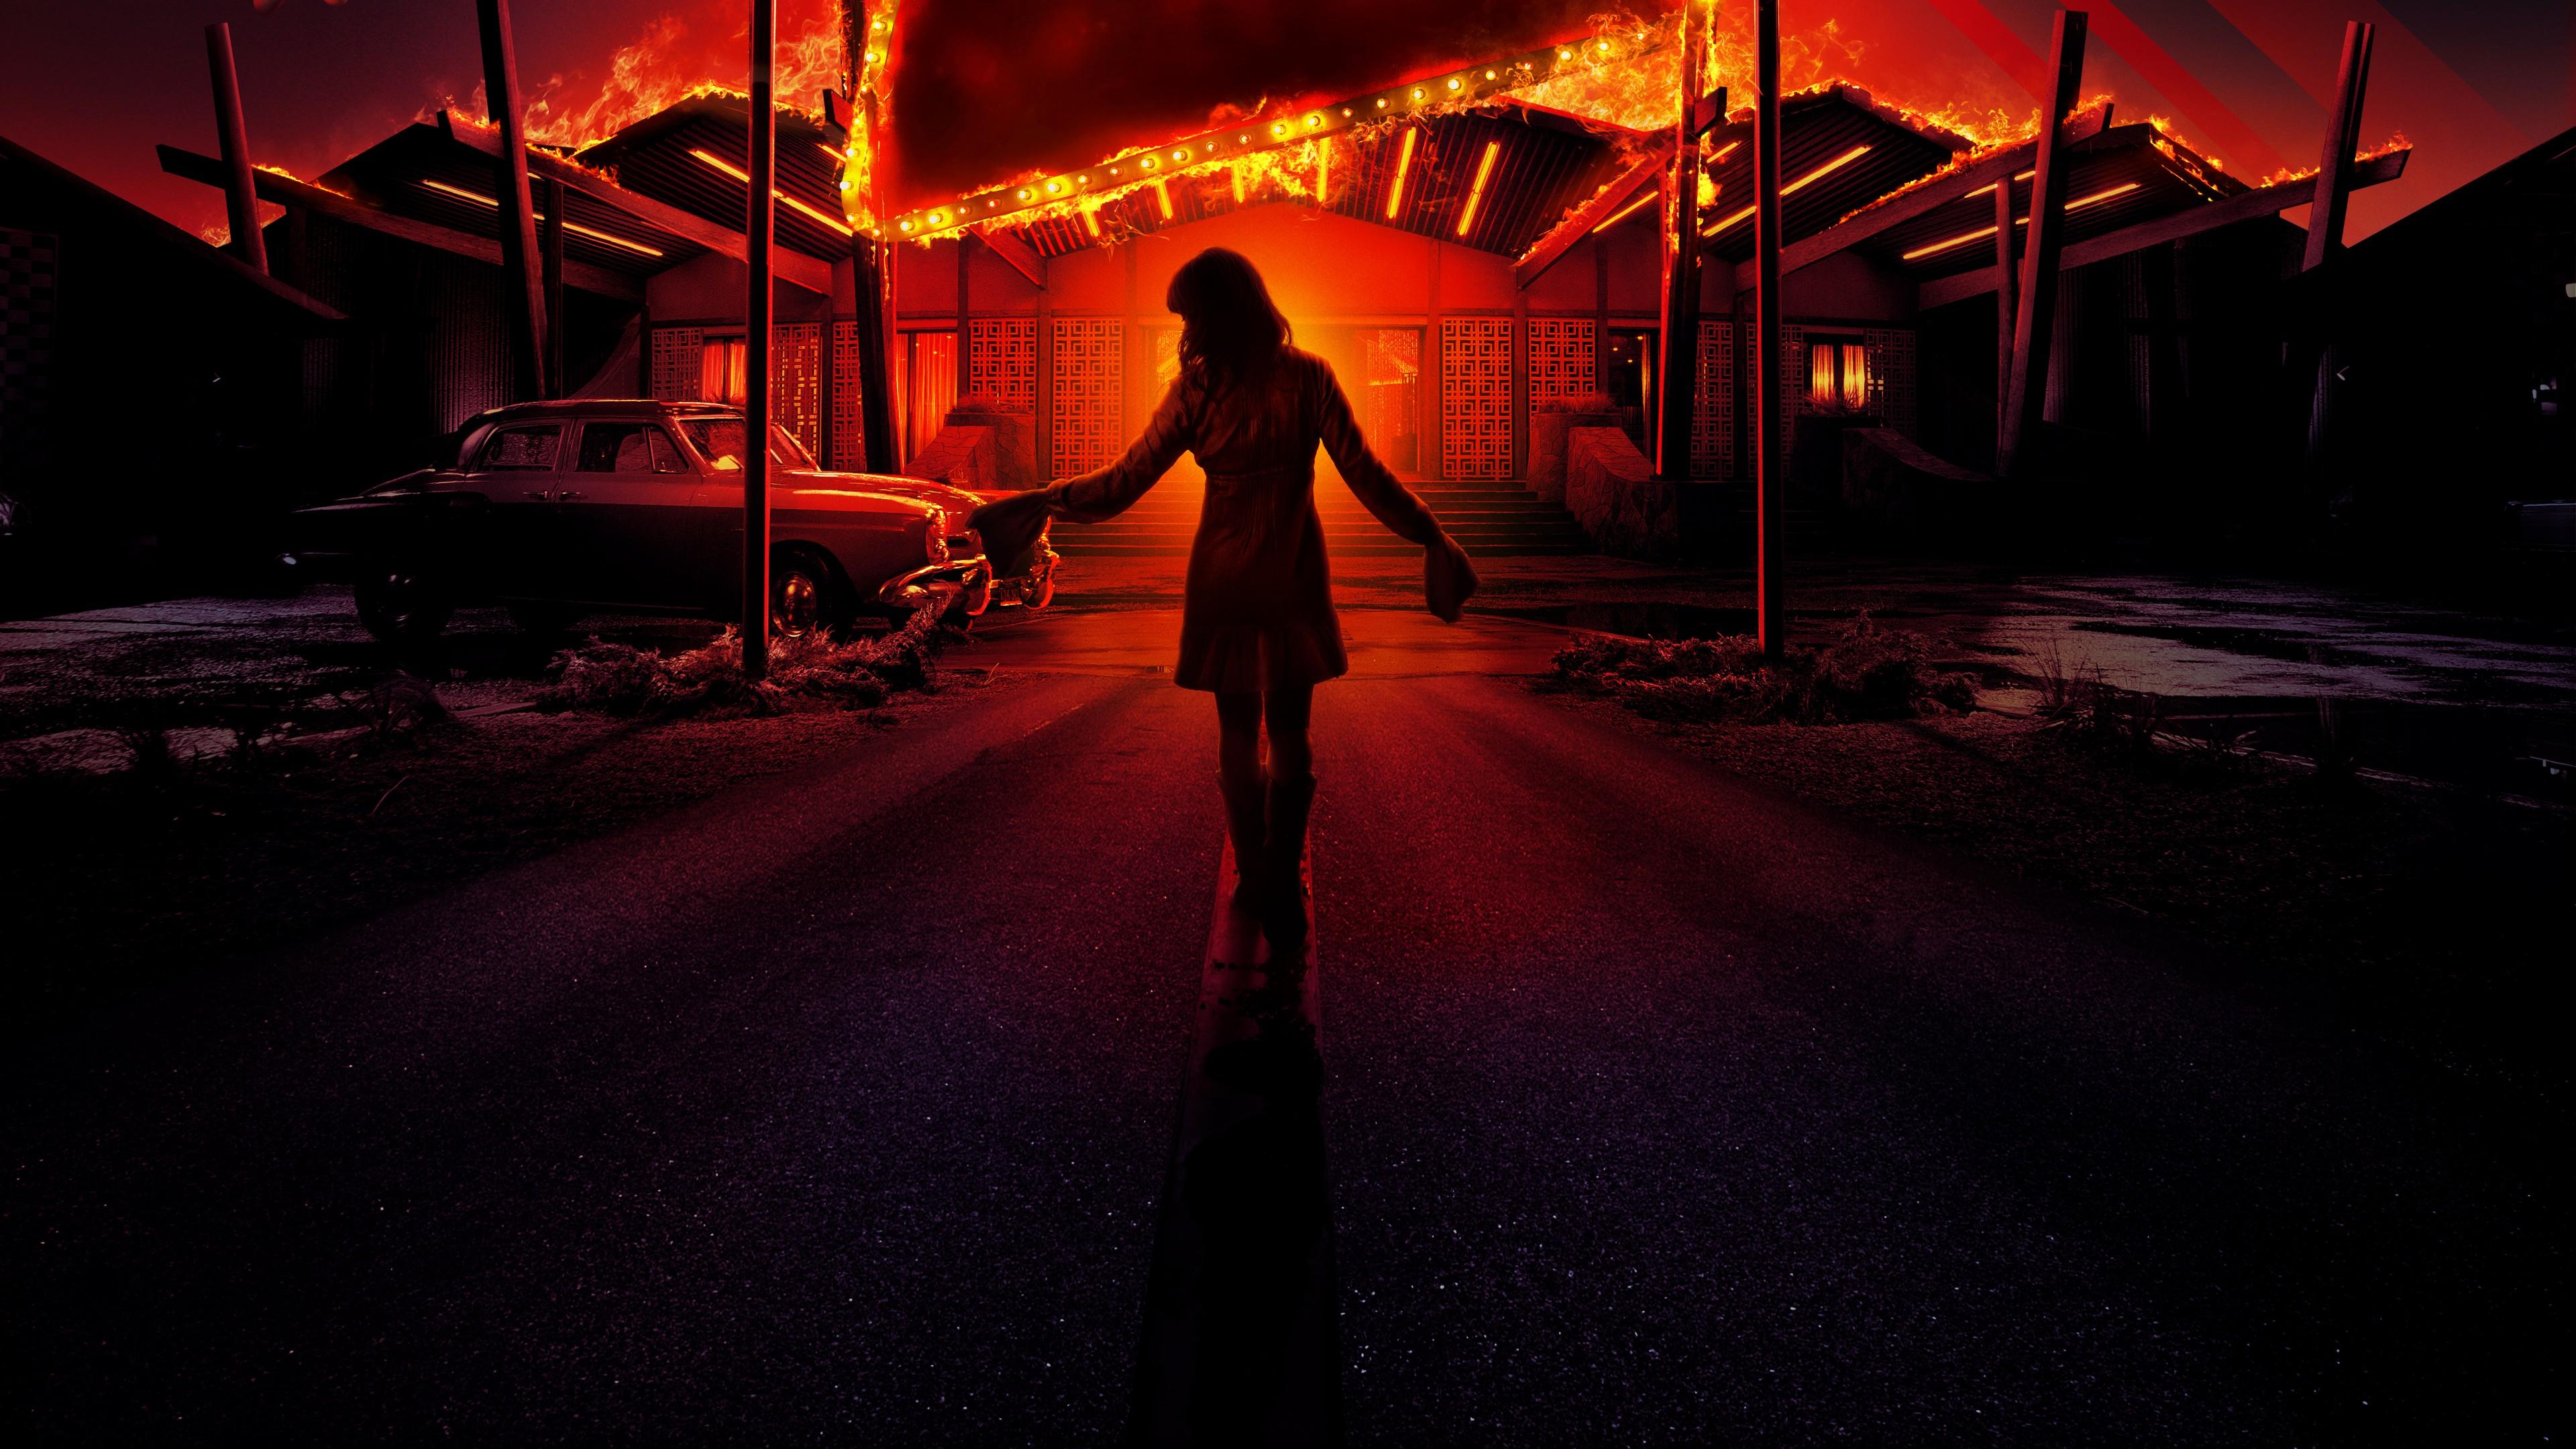 Красная крыша ночного отеля с огненно-желтым огнем фонарей